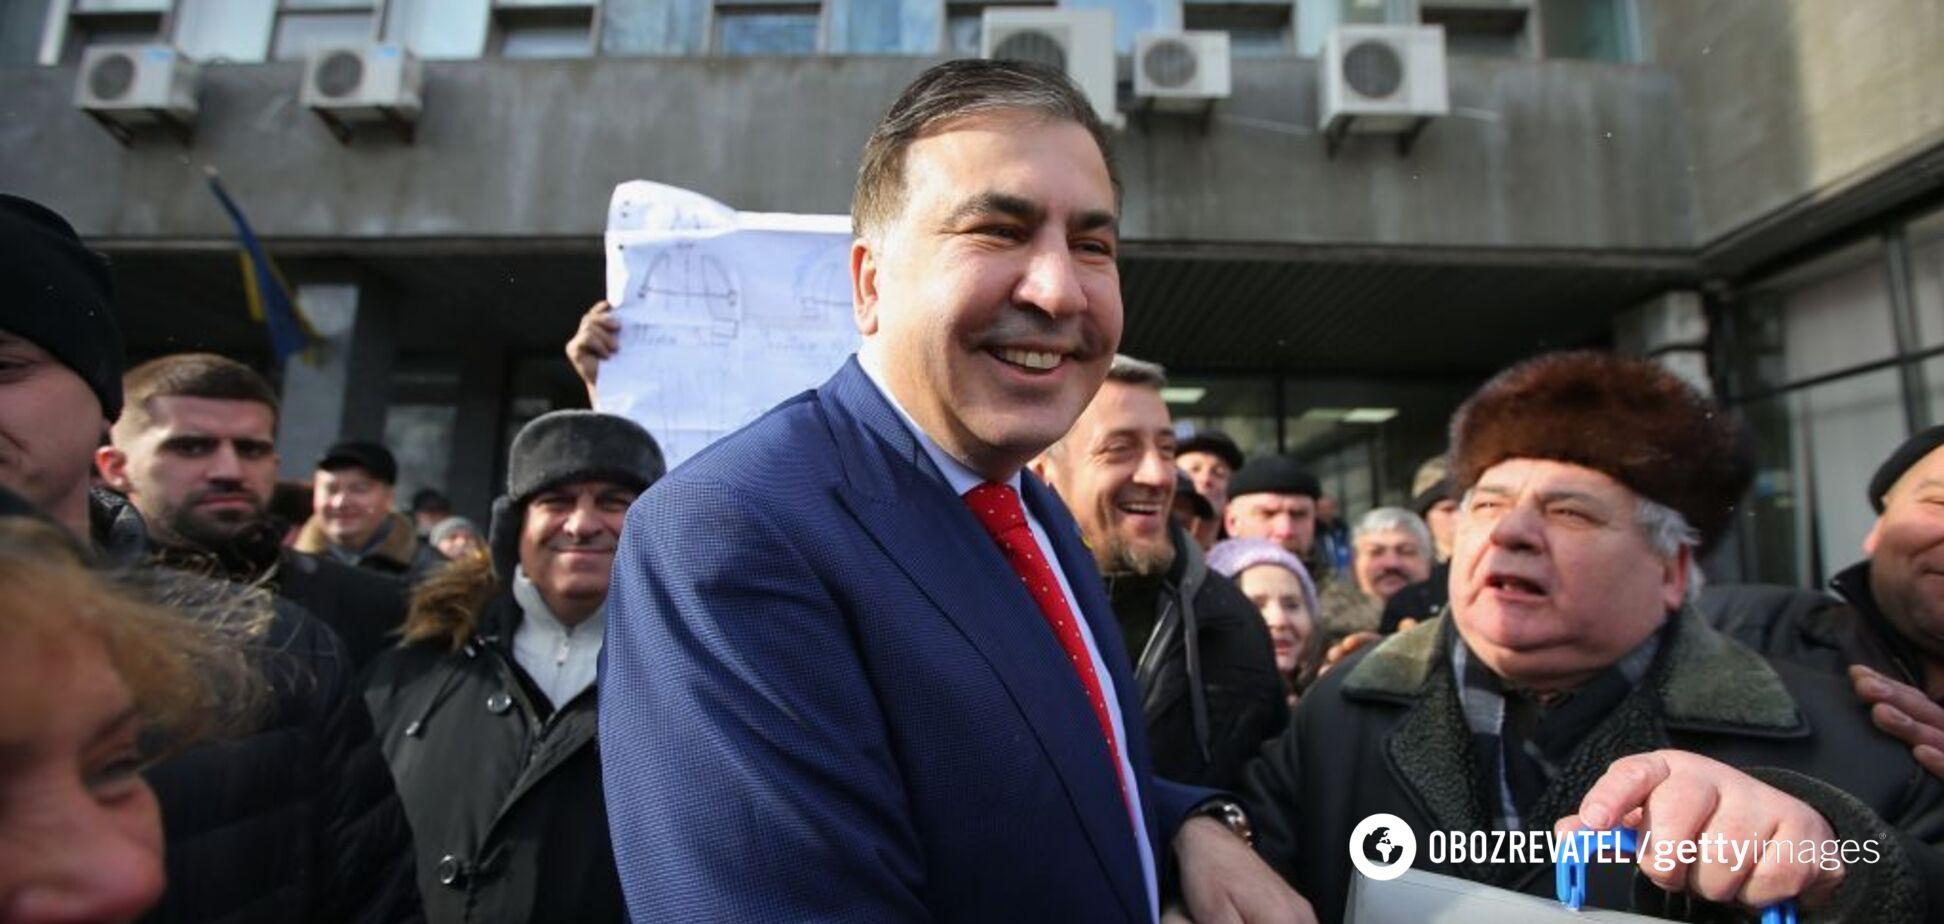 Саакашвили – человек-граната. Рванет обязательно